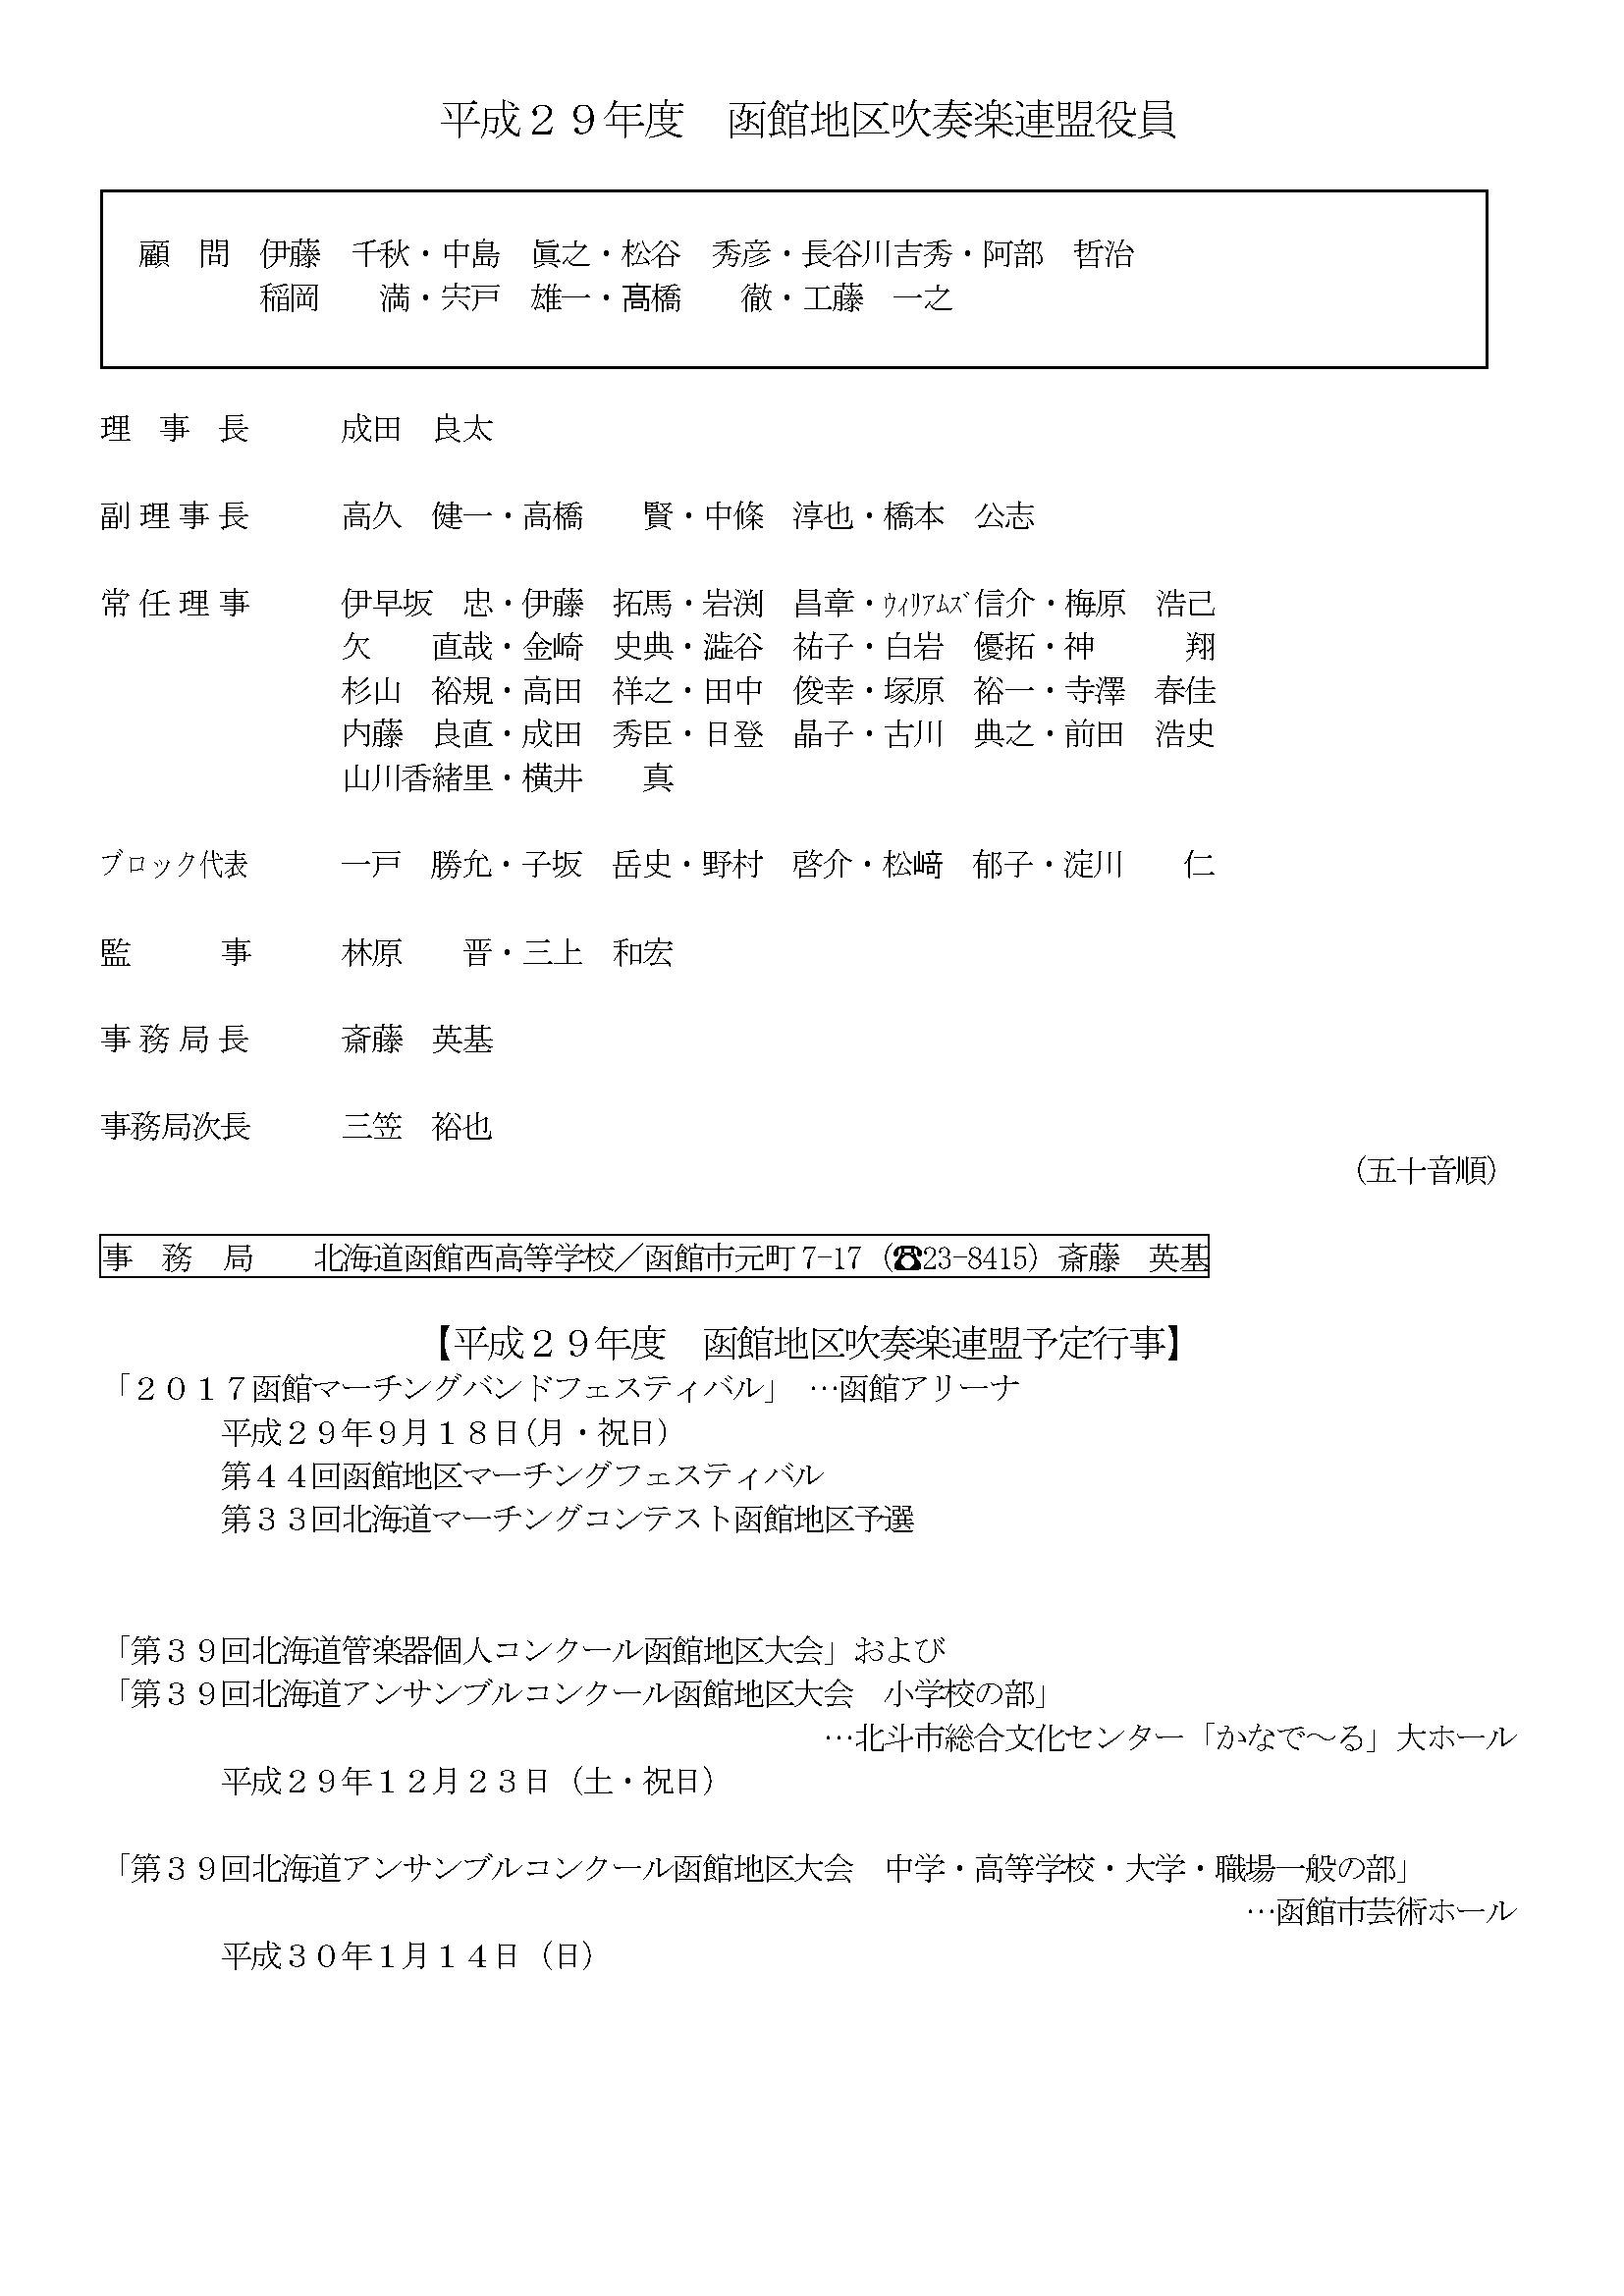 函館地区コンクール仮プログラム_ページ_8